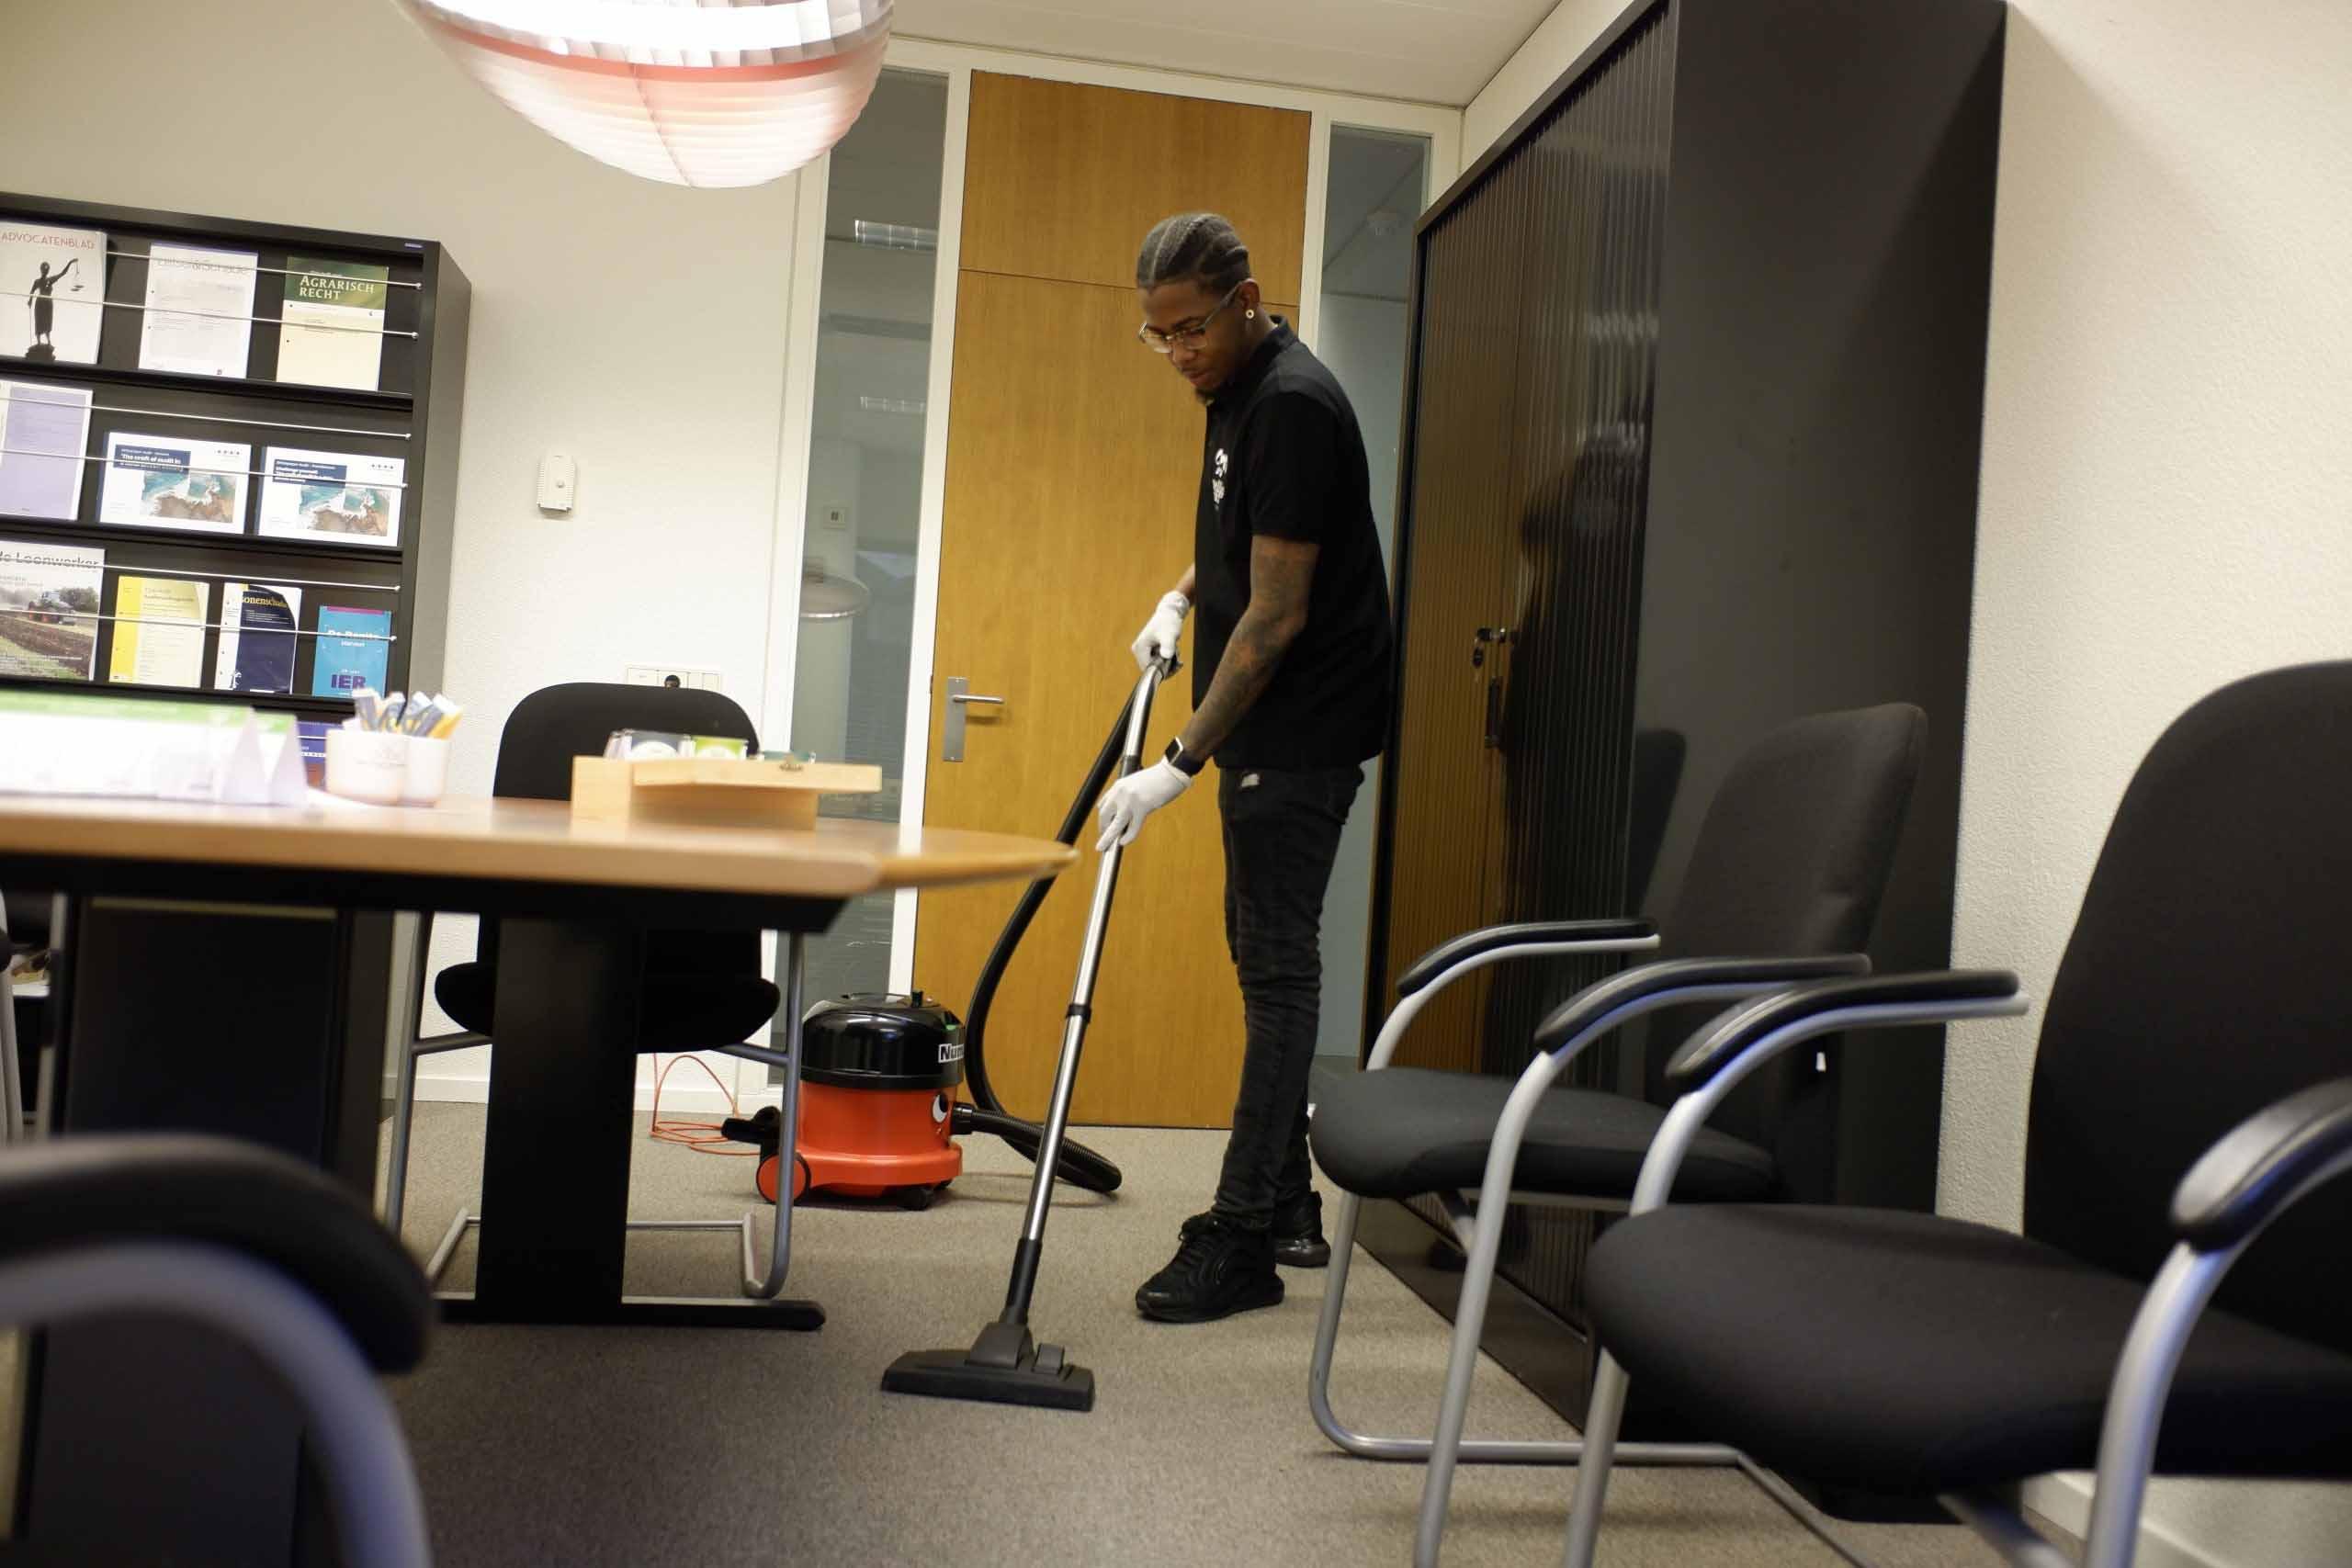 kantoor schoonmaken in de avond